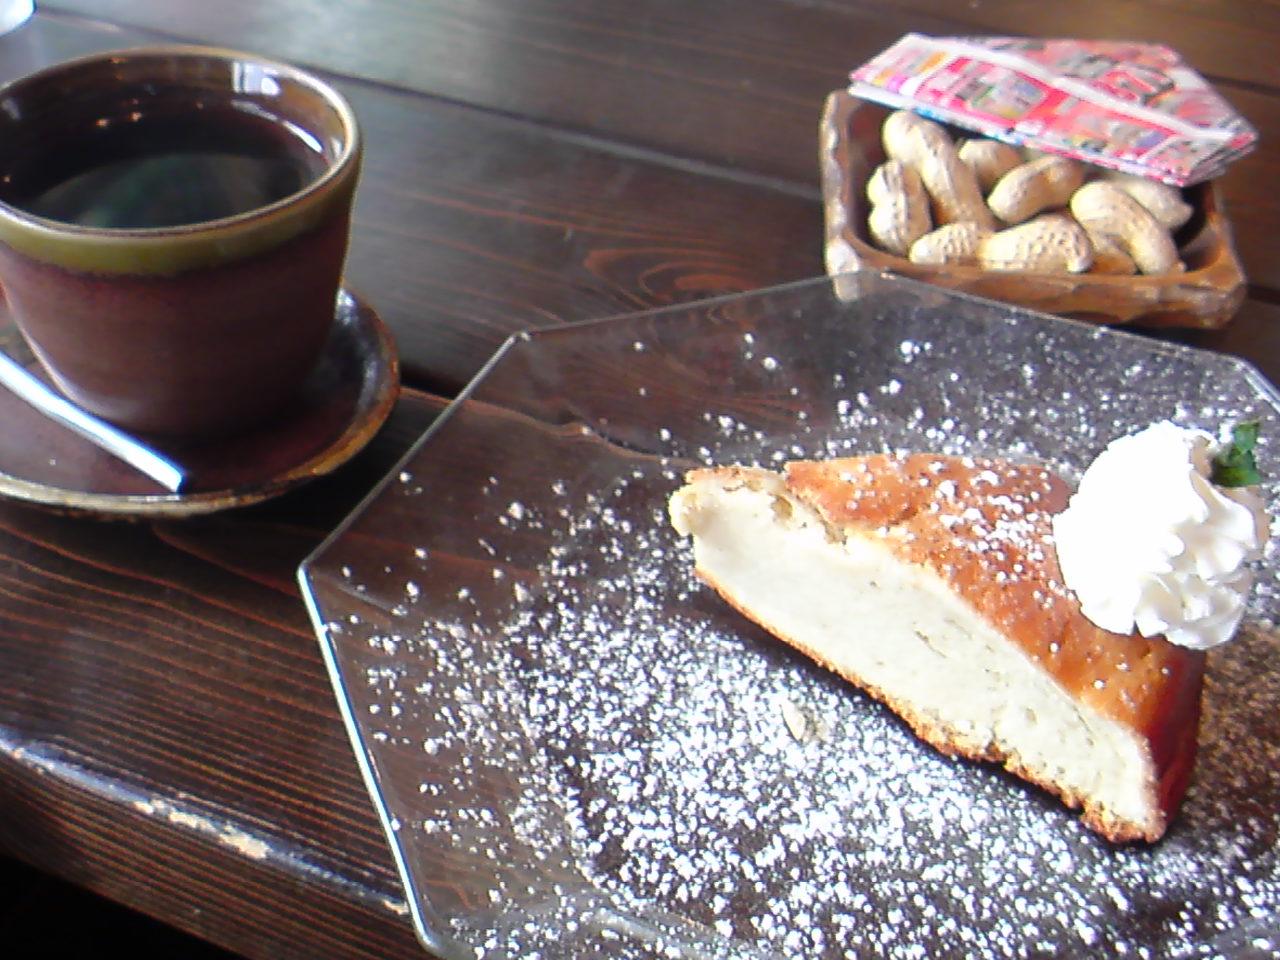 Cafe KaZe